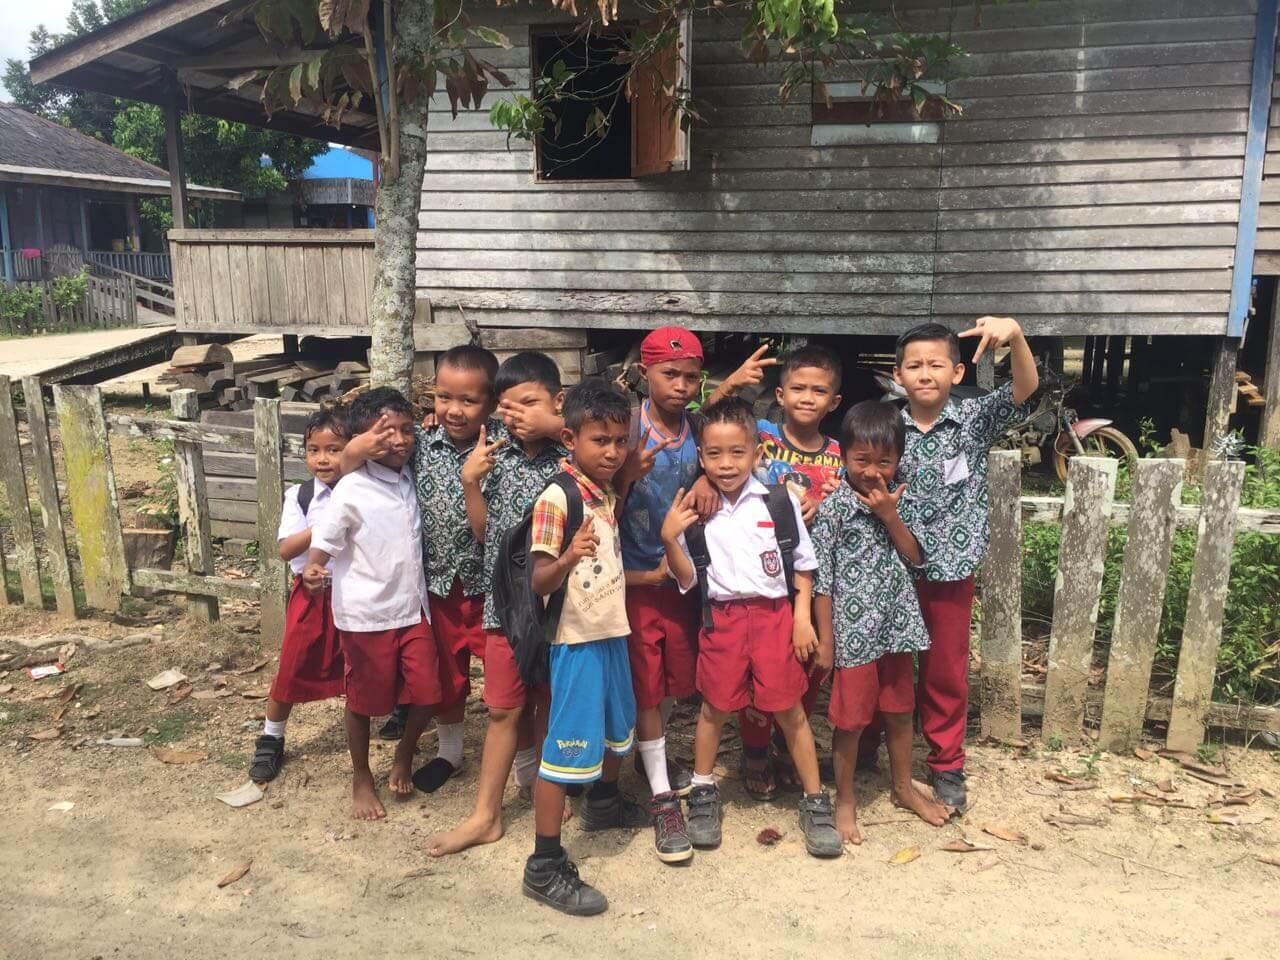 Junge Dayak in einem Dorf in Kalimantan